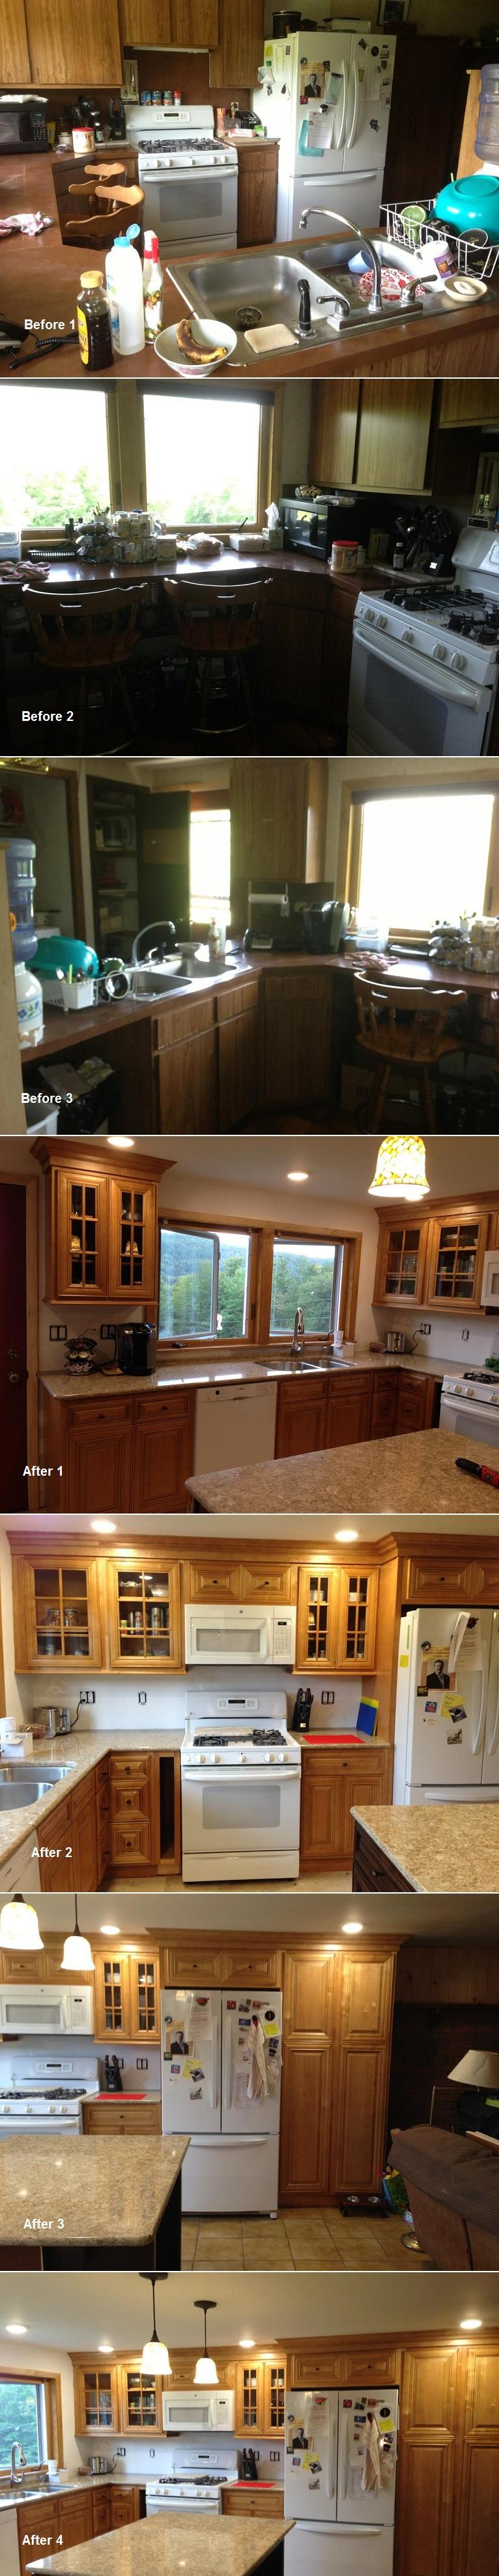 Glazed Praline Before & After